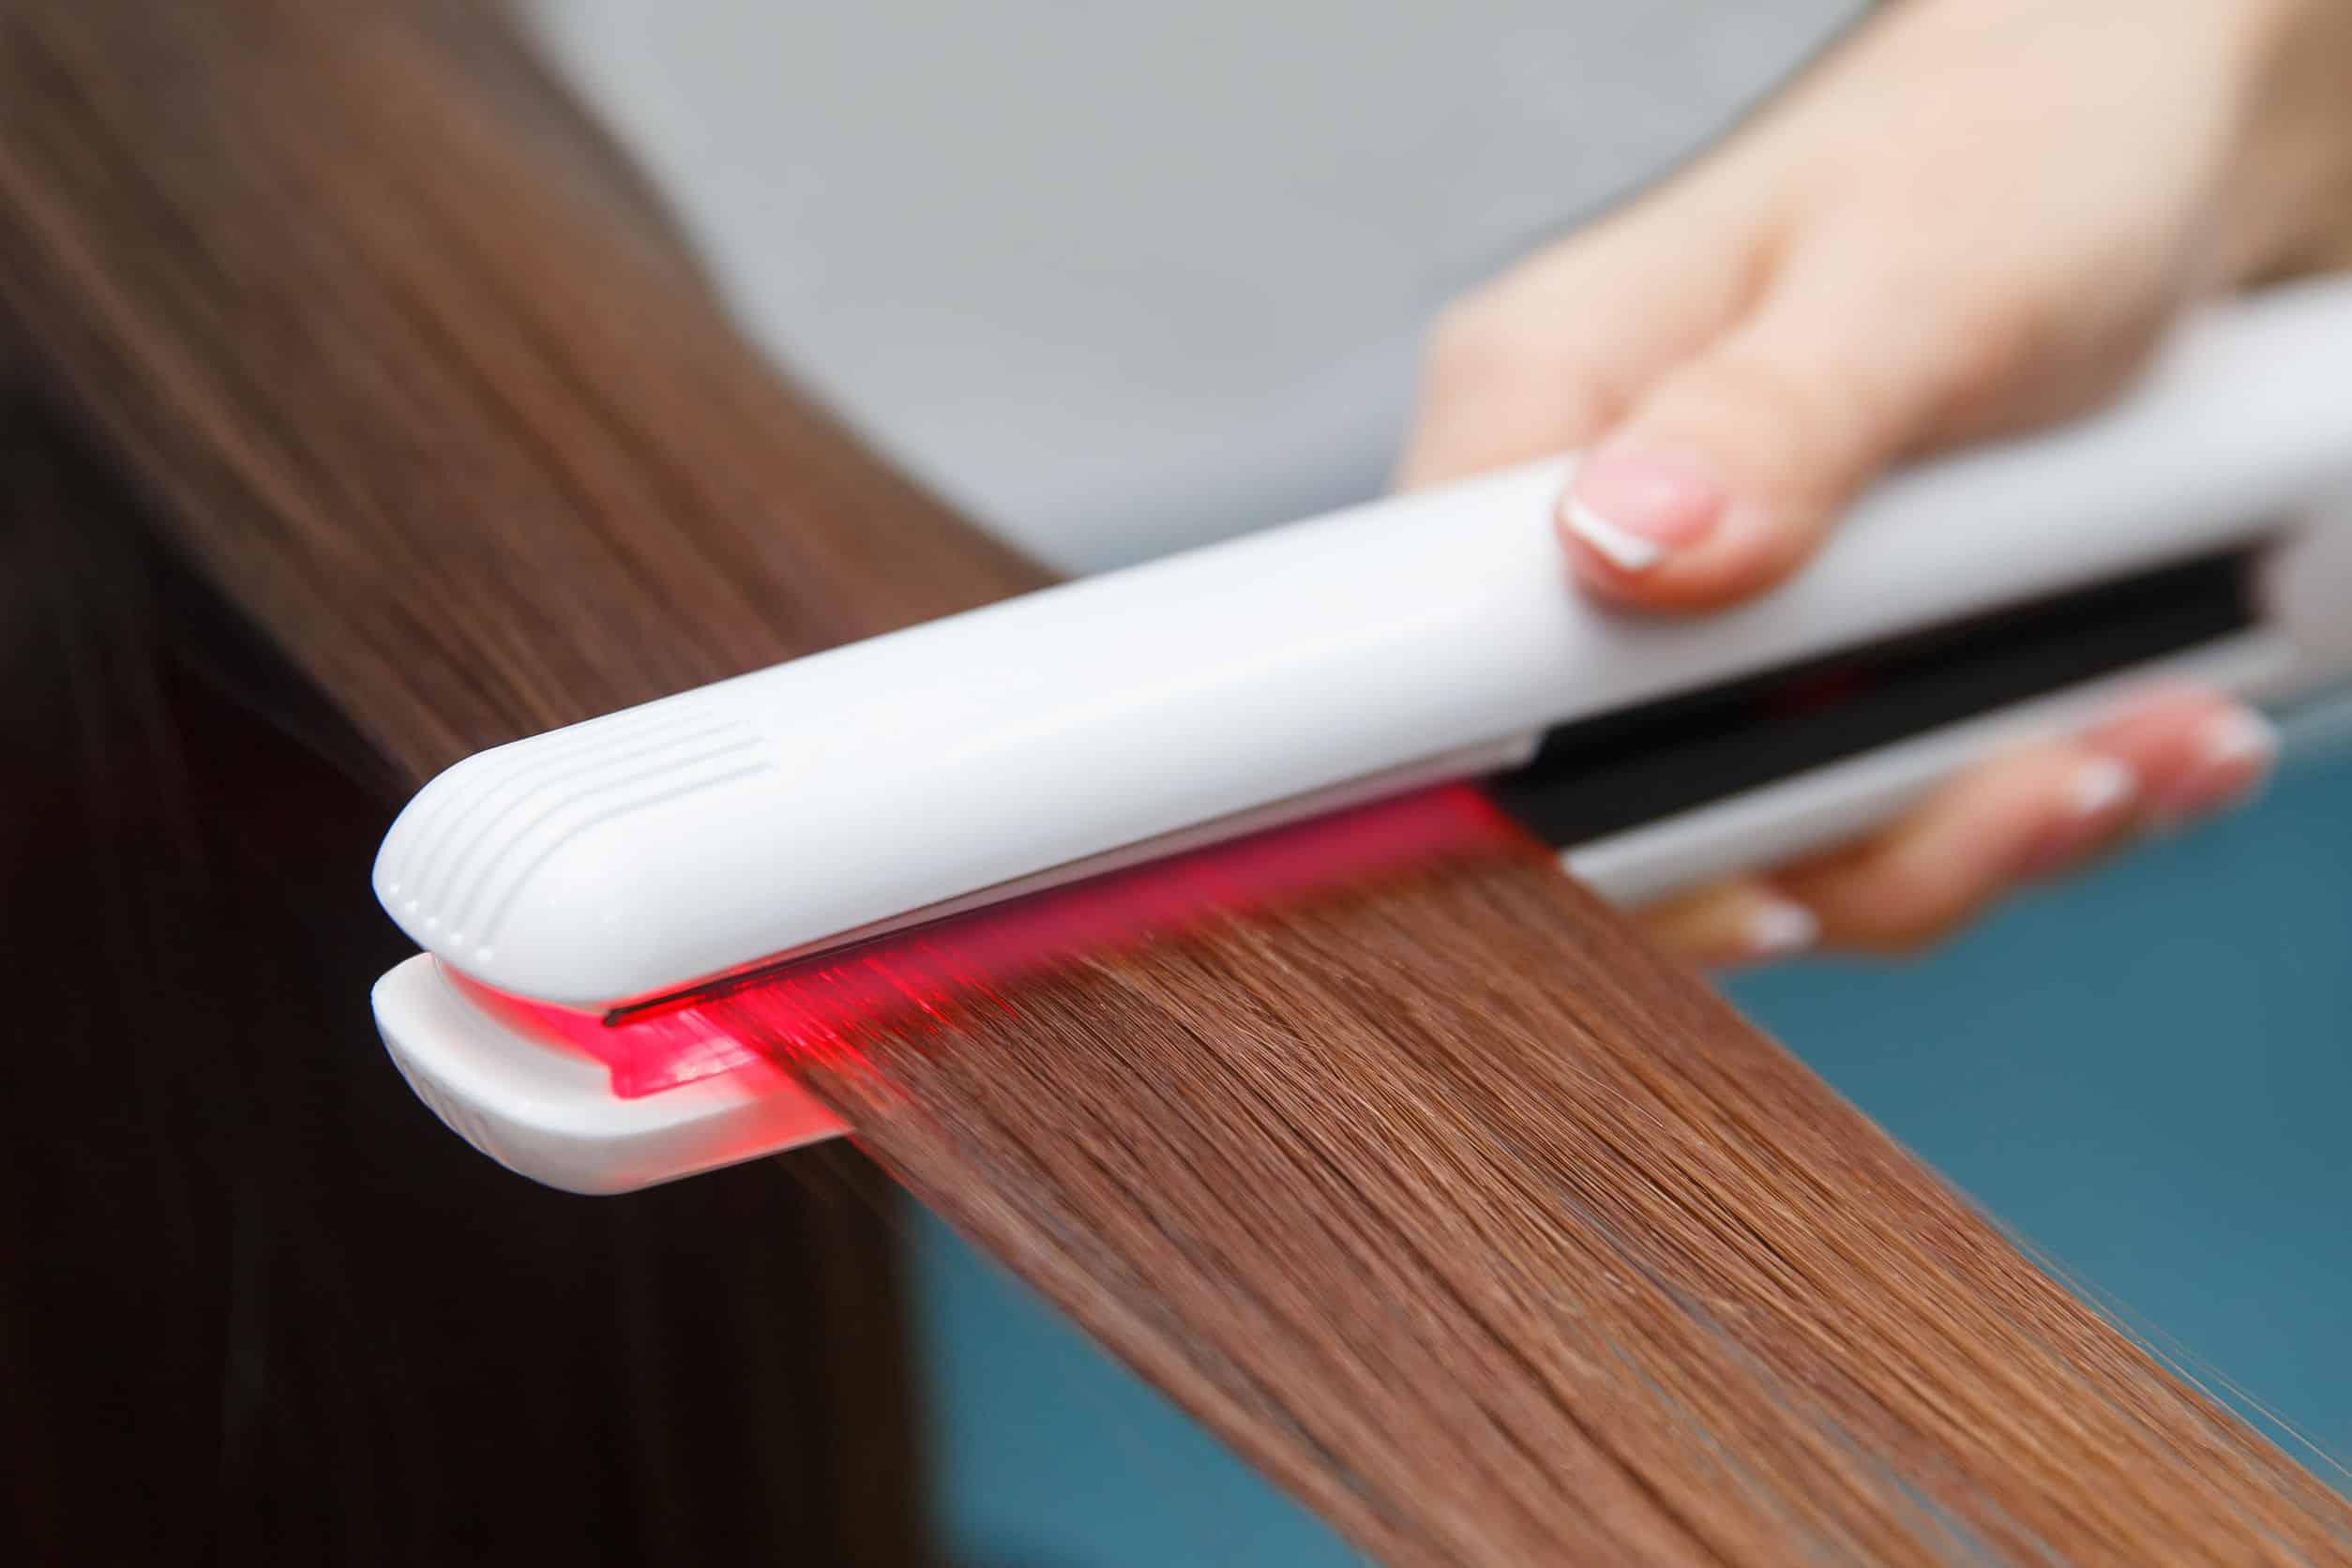 Migliore piastra per capelli 2020: Guida all'acquisto